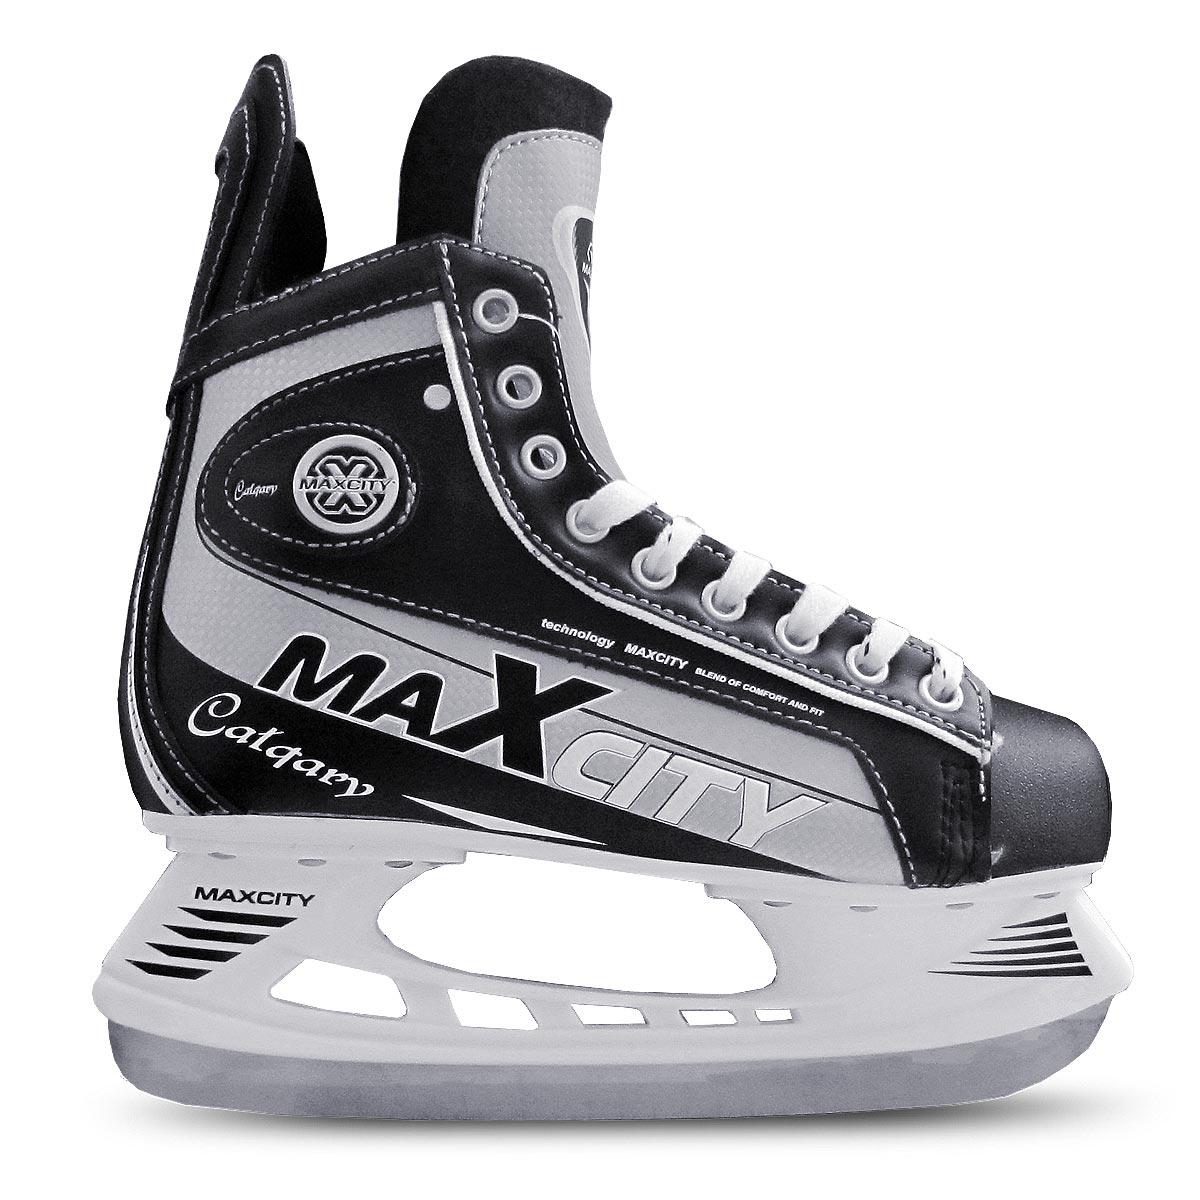 Коньки хоккейные мужские MaxCity Calgary, цвет: черный, серый. Размер 38